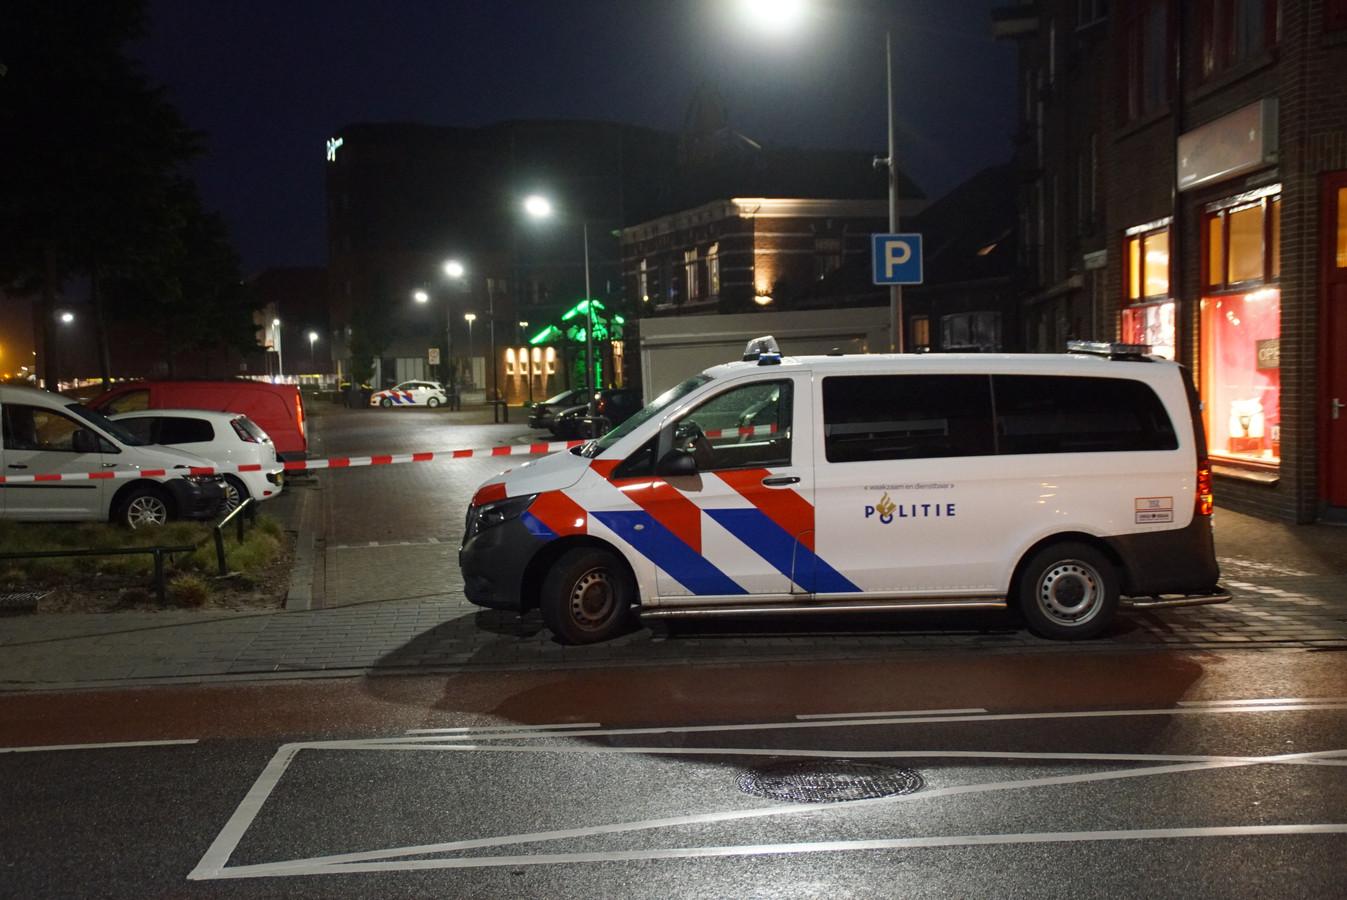 De politie doet onderzoek op de plek van de steekpartij in Winterswijk.